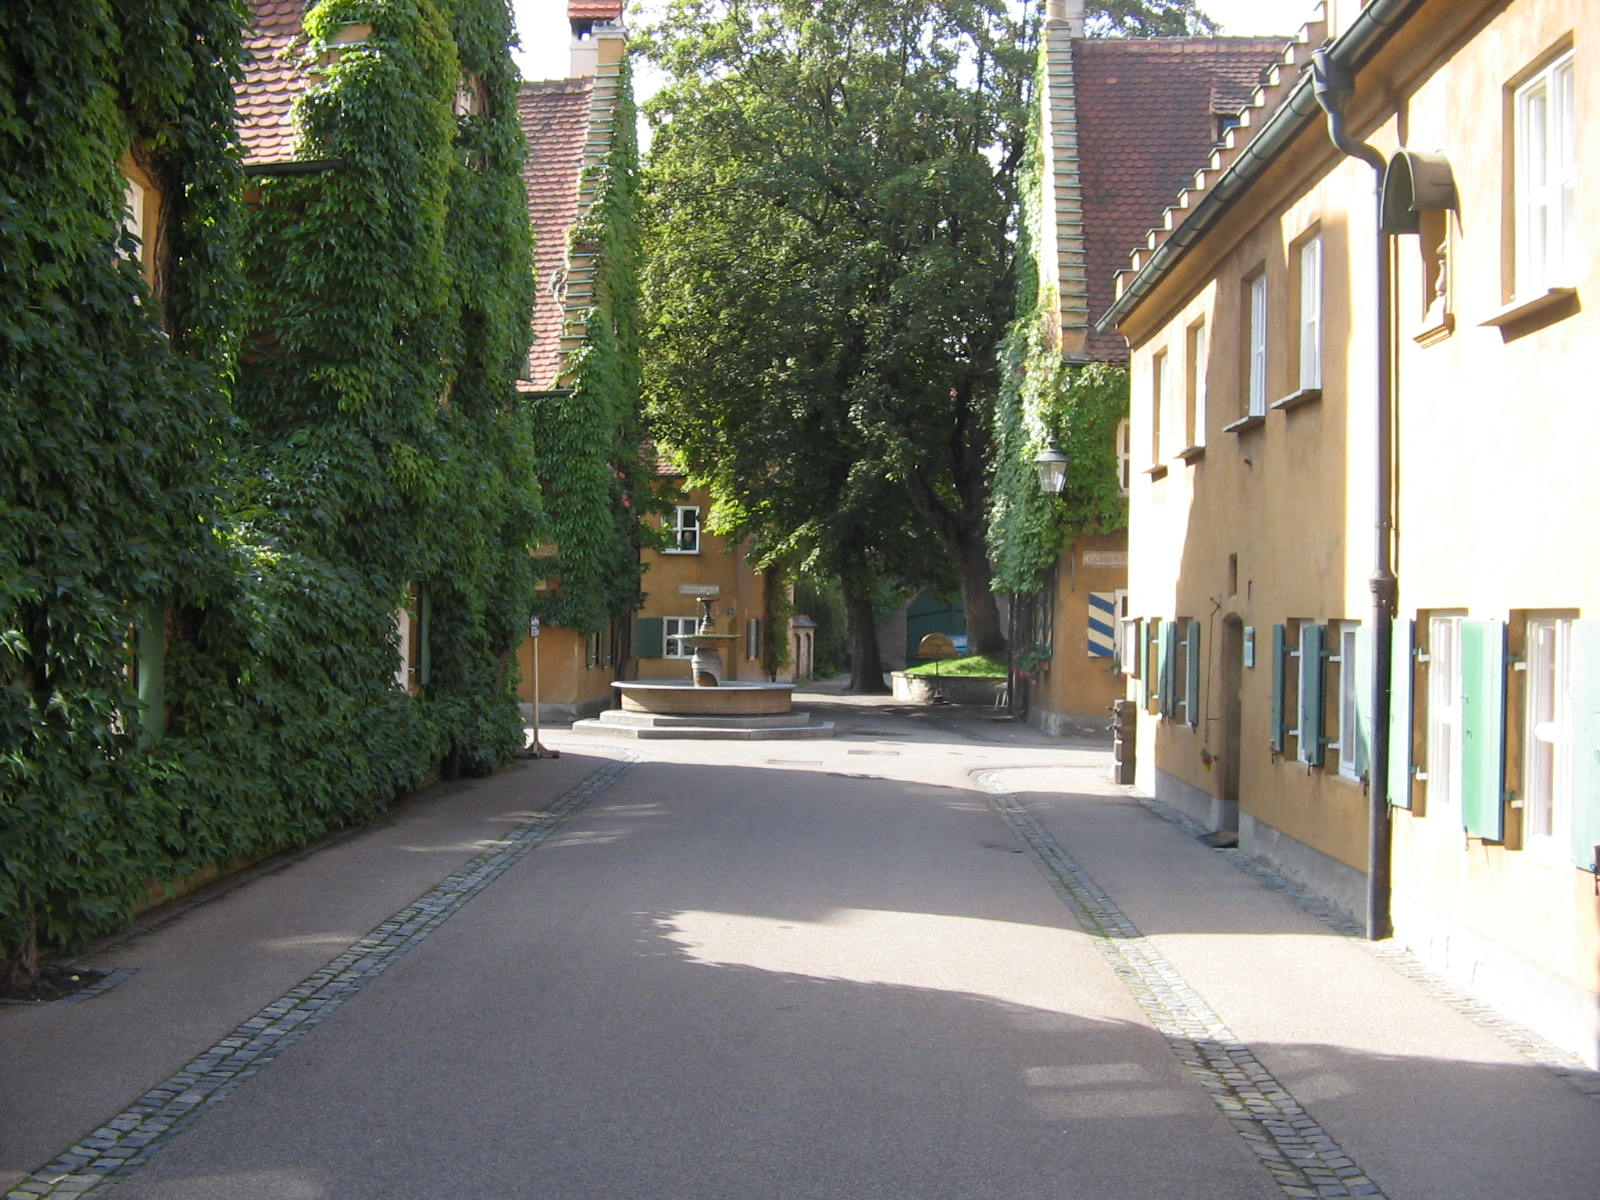 Fuggerei Augsburg - Energieberatung Augsburg